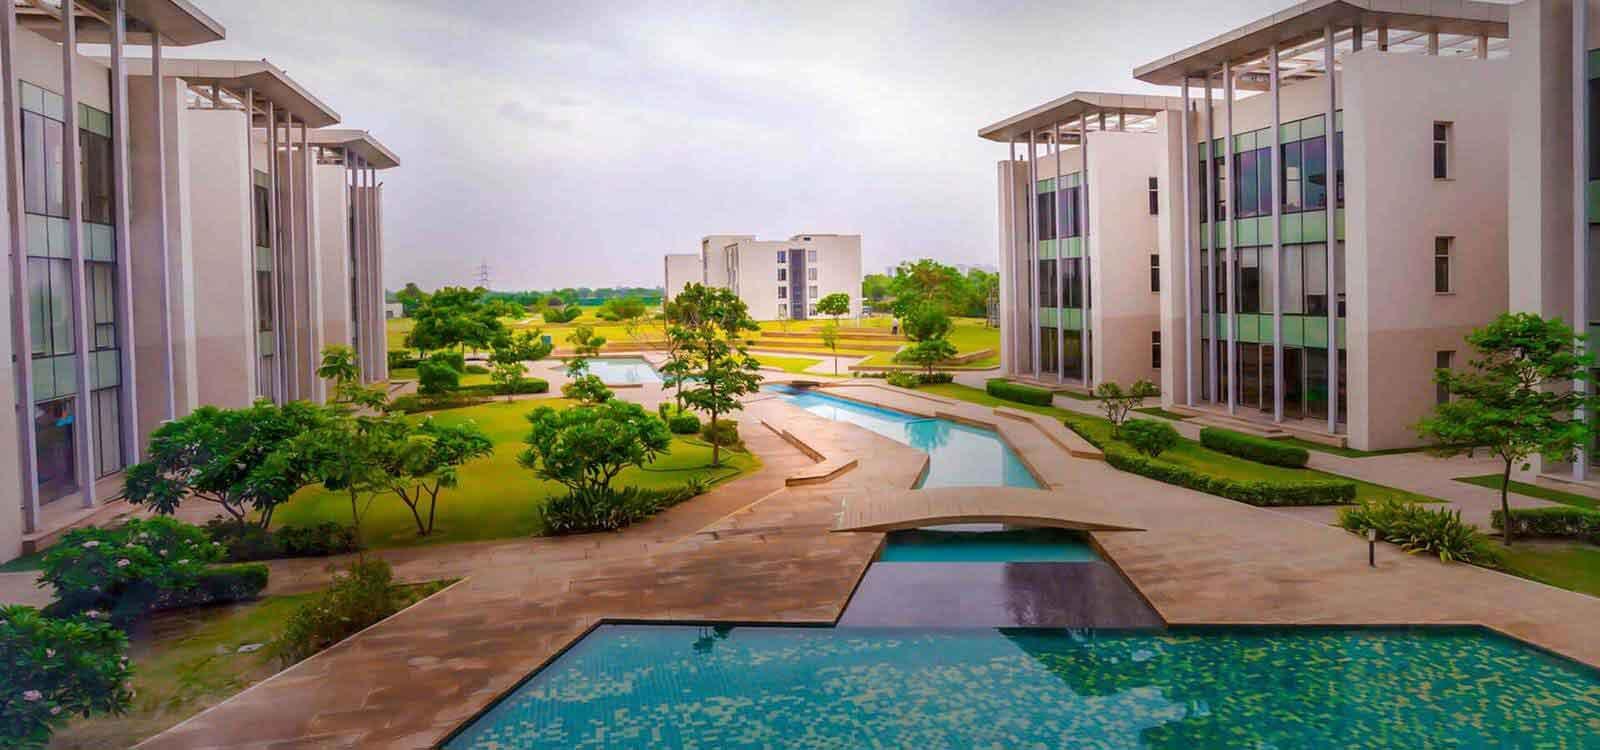 Best International School in Gurgaon | Top CBSE Schools Gurugram